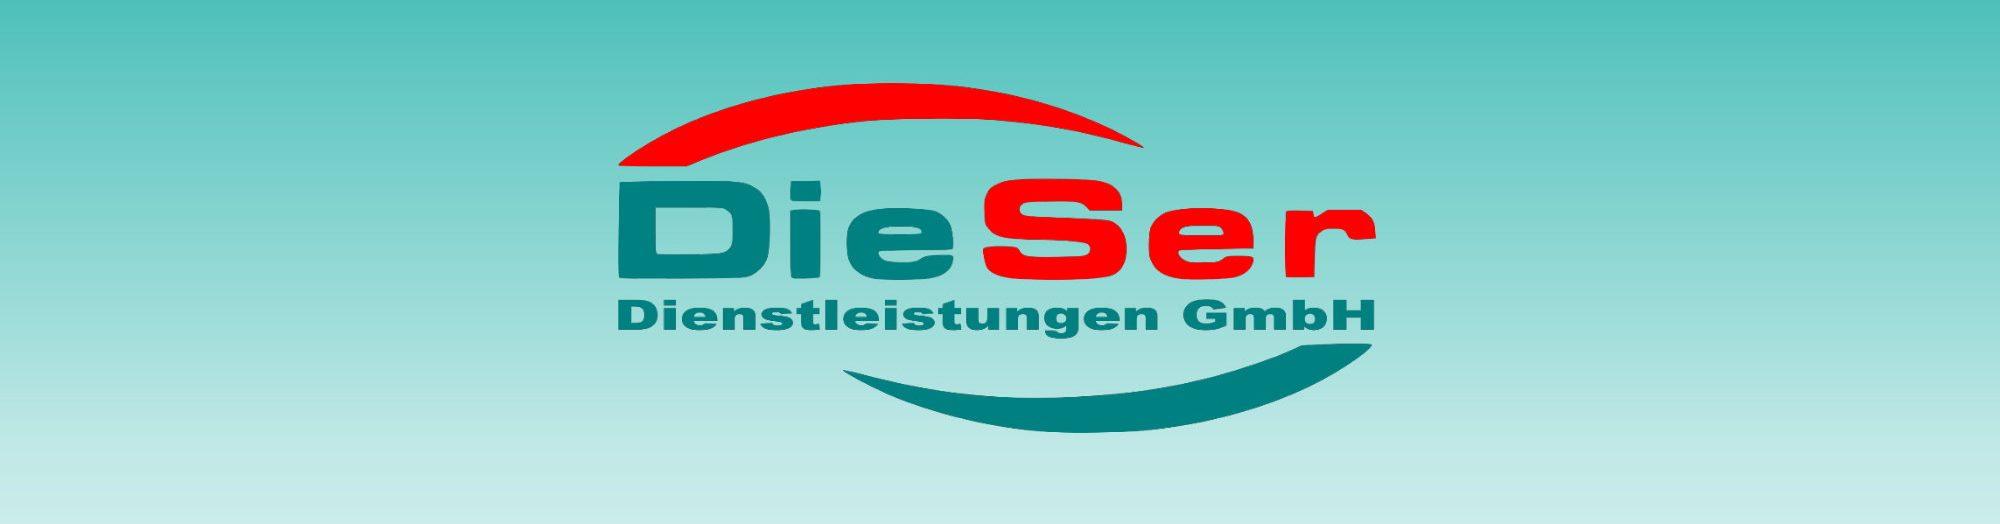 Dieser Dienstleistungen GmbH